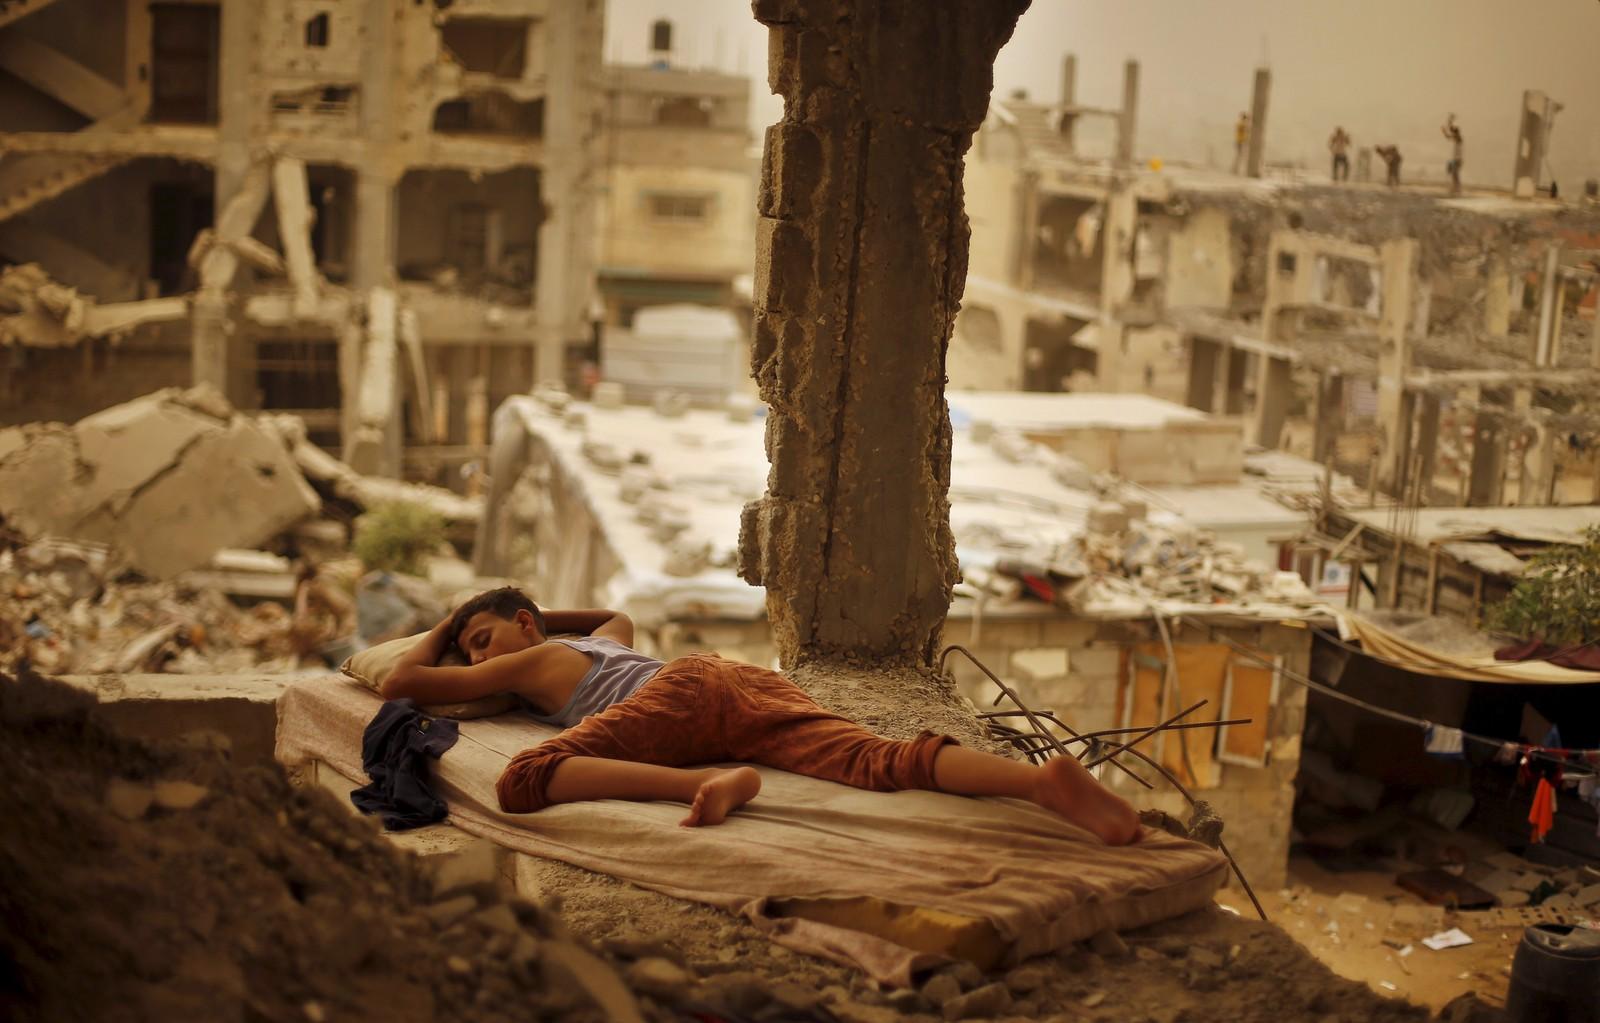 Mens en sandstorm trua Midtøsten, sov denne palestinske gutten på en madrass i ruinene av et hus som ble ramma i Gaza-krigen i fjor sommer. To personer ble drept og flere hundre skada. Stormen skal også ha satt en midlertidig stopper for kamphandlinger i Syria, og gjort det vanskelig for fly å lande på Rhodos.